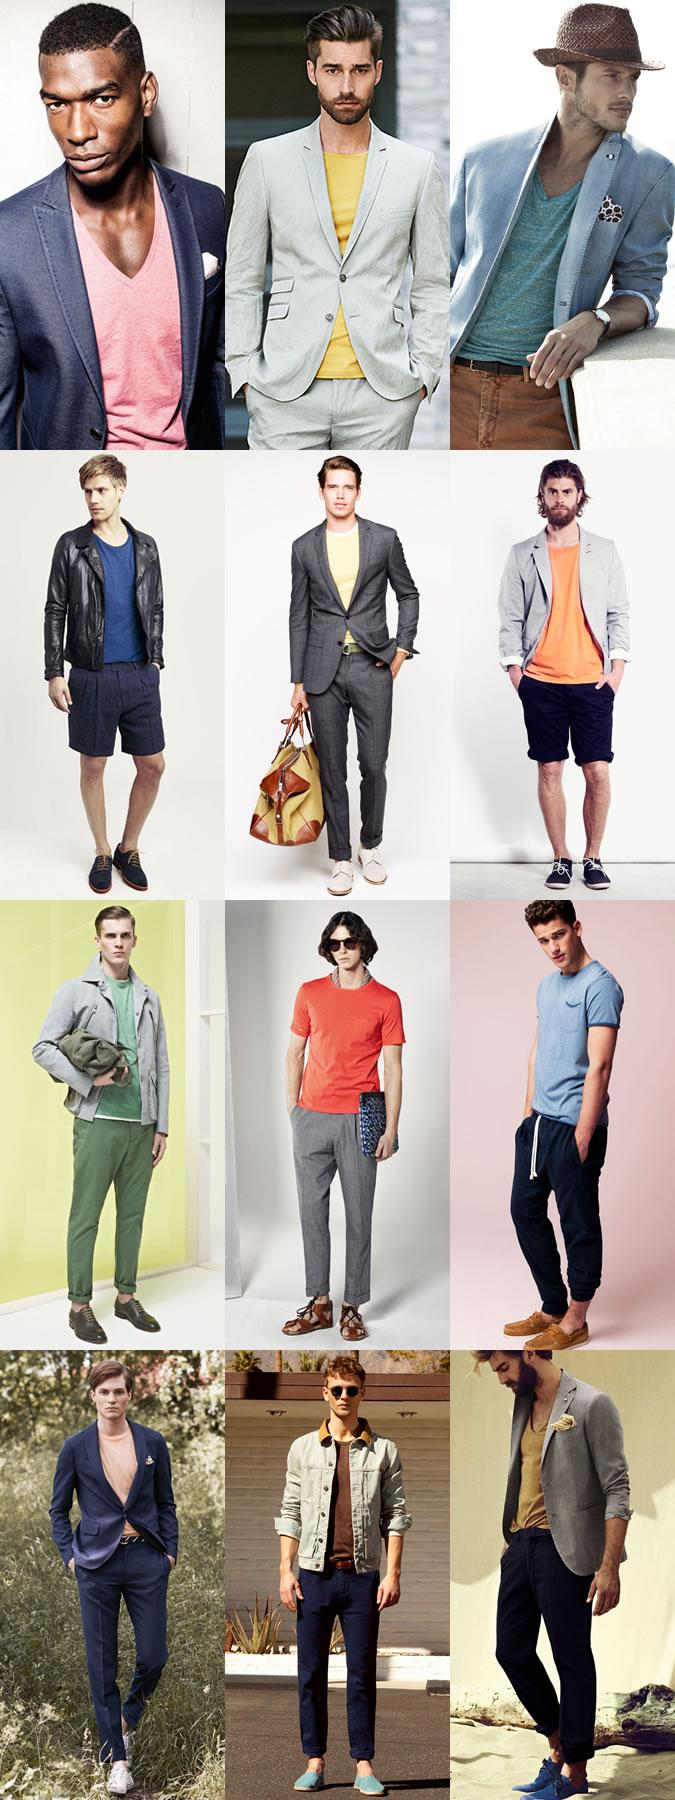 تی شرت قرمز مردانه ، تی شرت آبی مردانه ، تی شرت صورتی مردانه ، تی شرت نارنجی مردانه